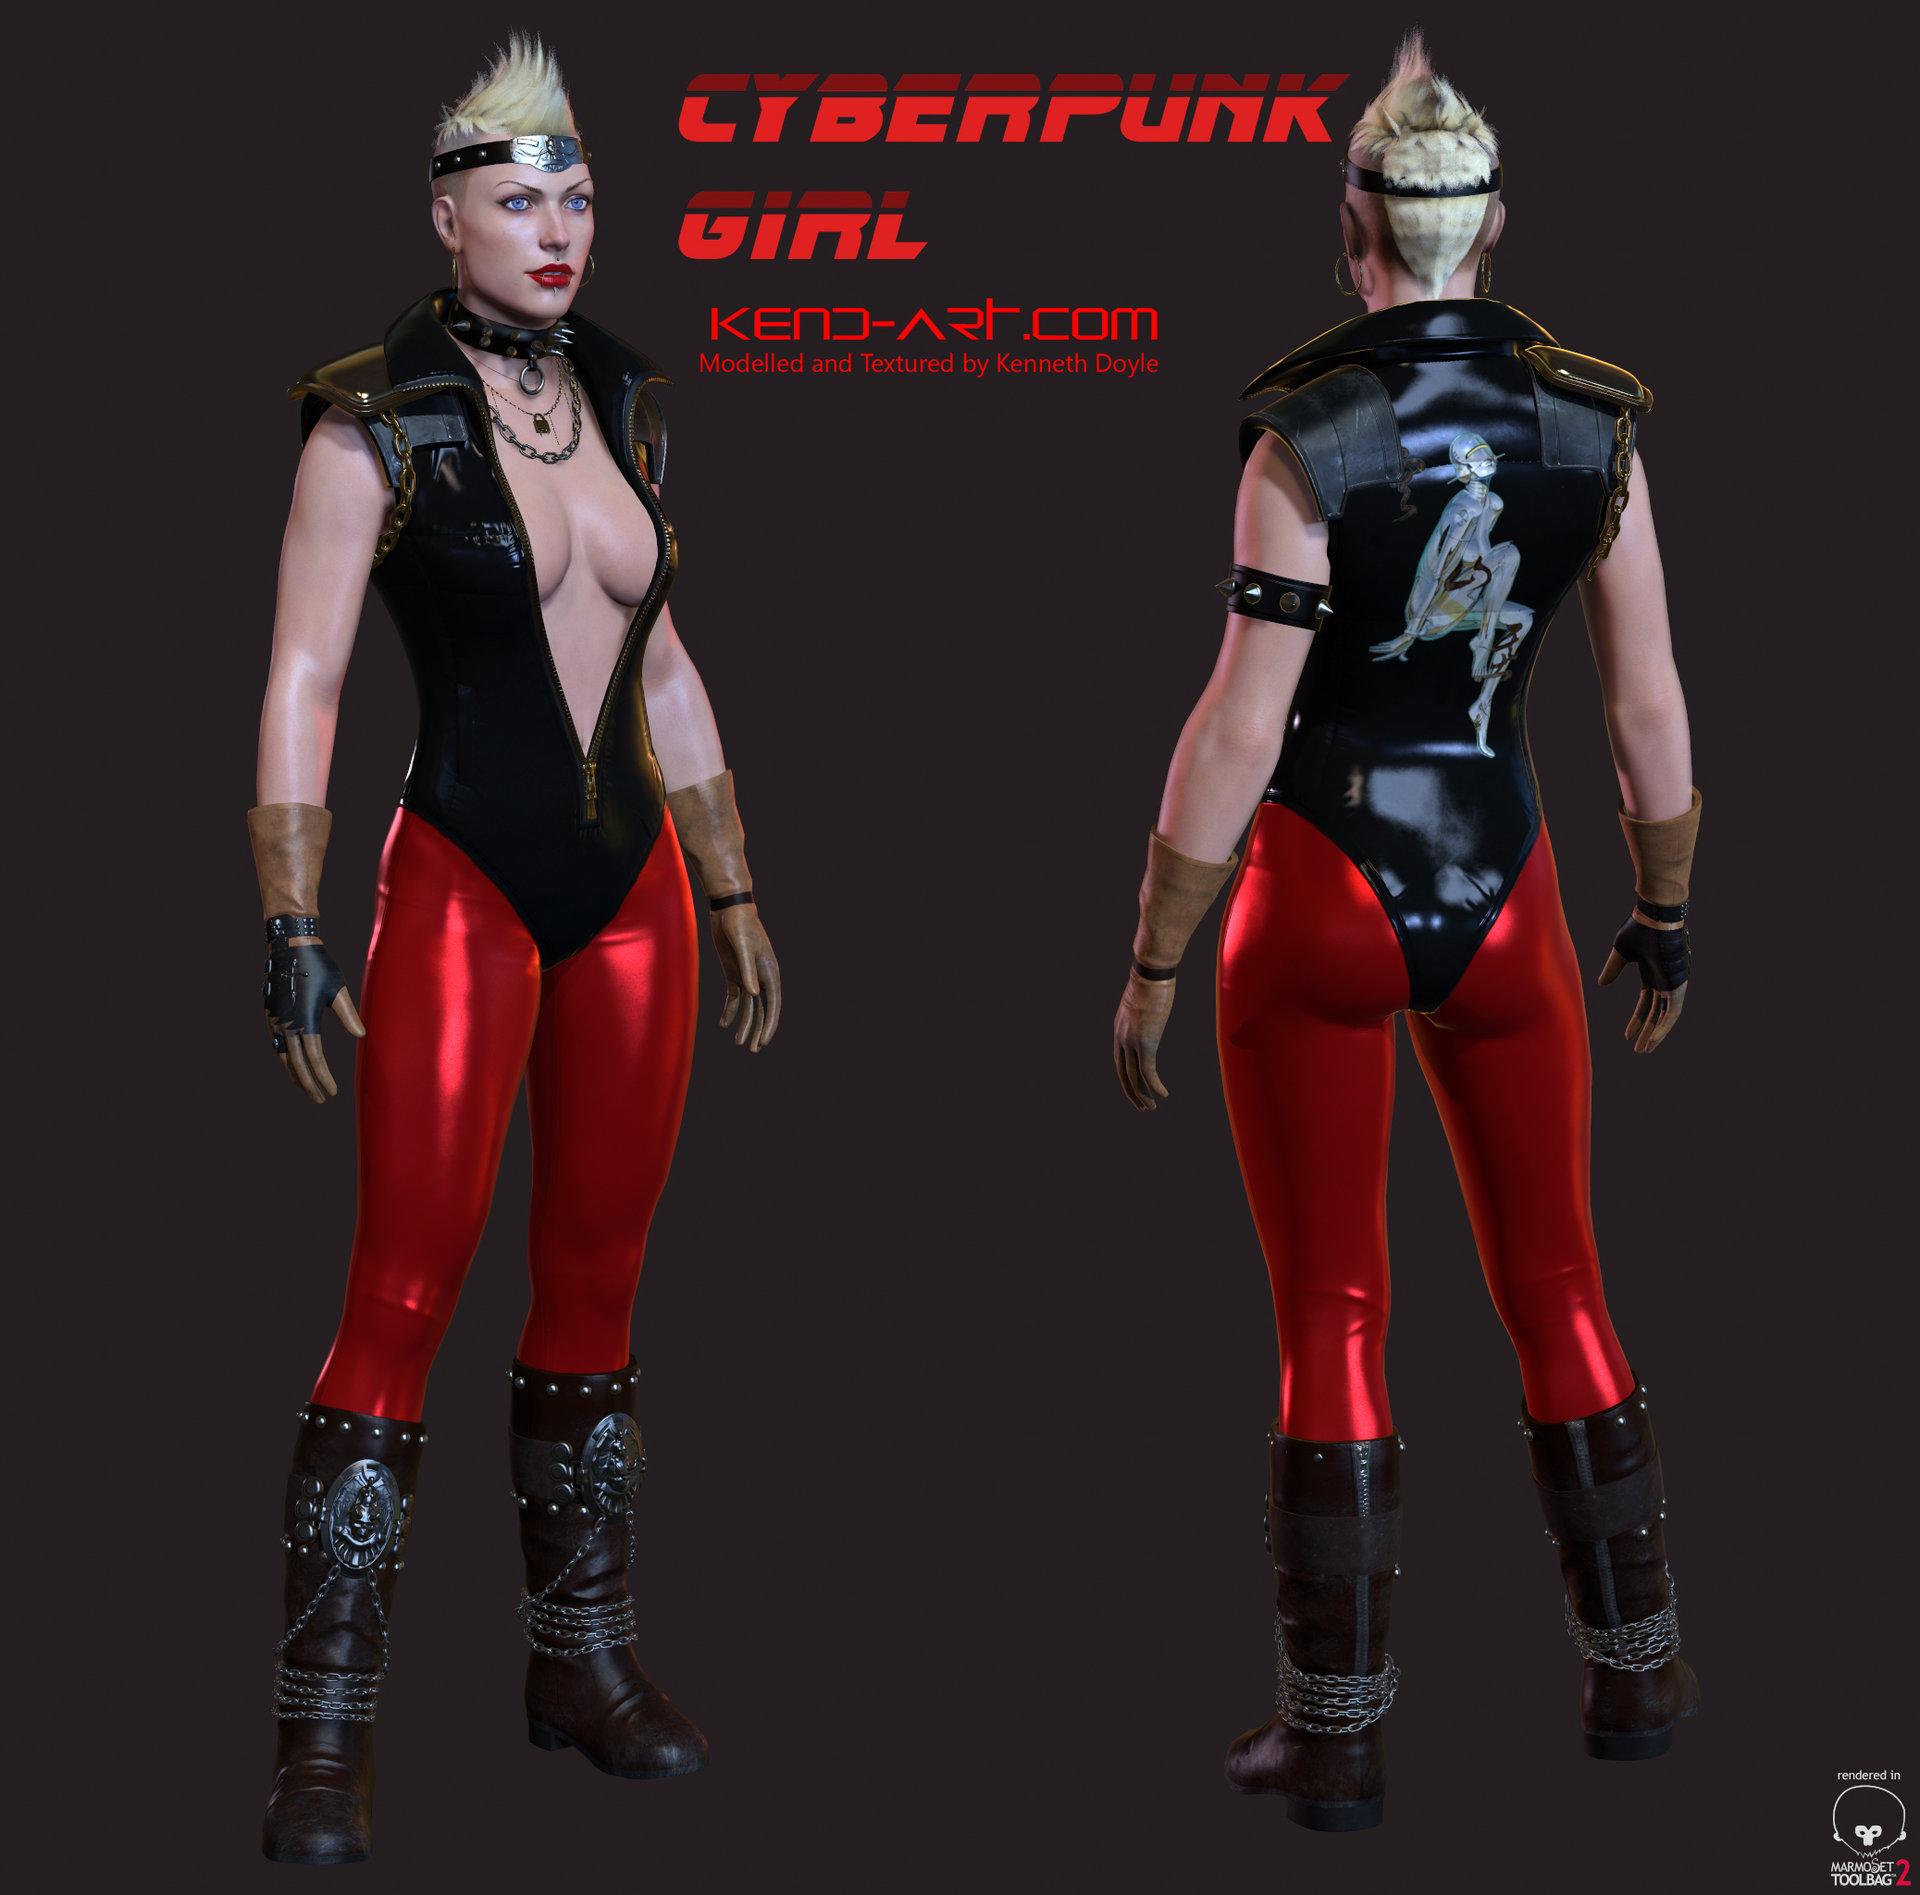 Kenneth doyle cyberpunk6